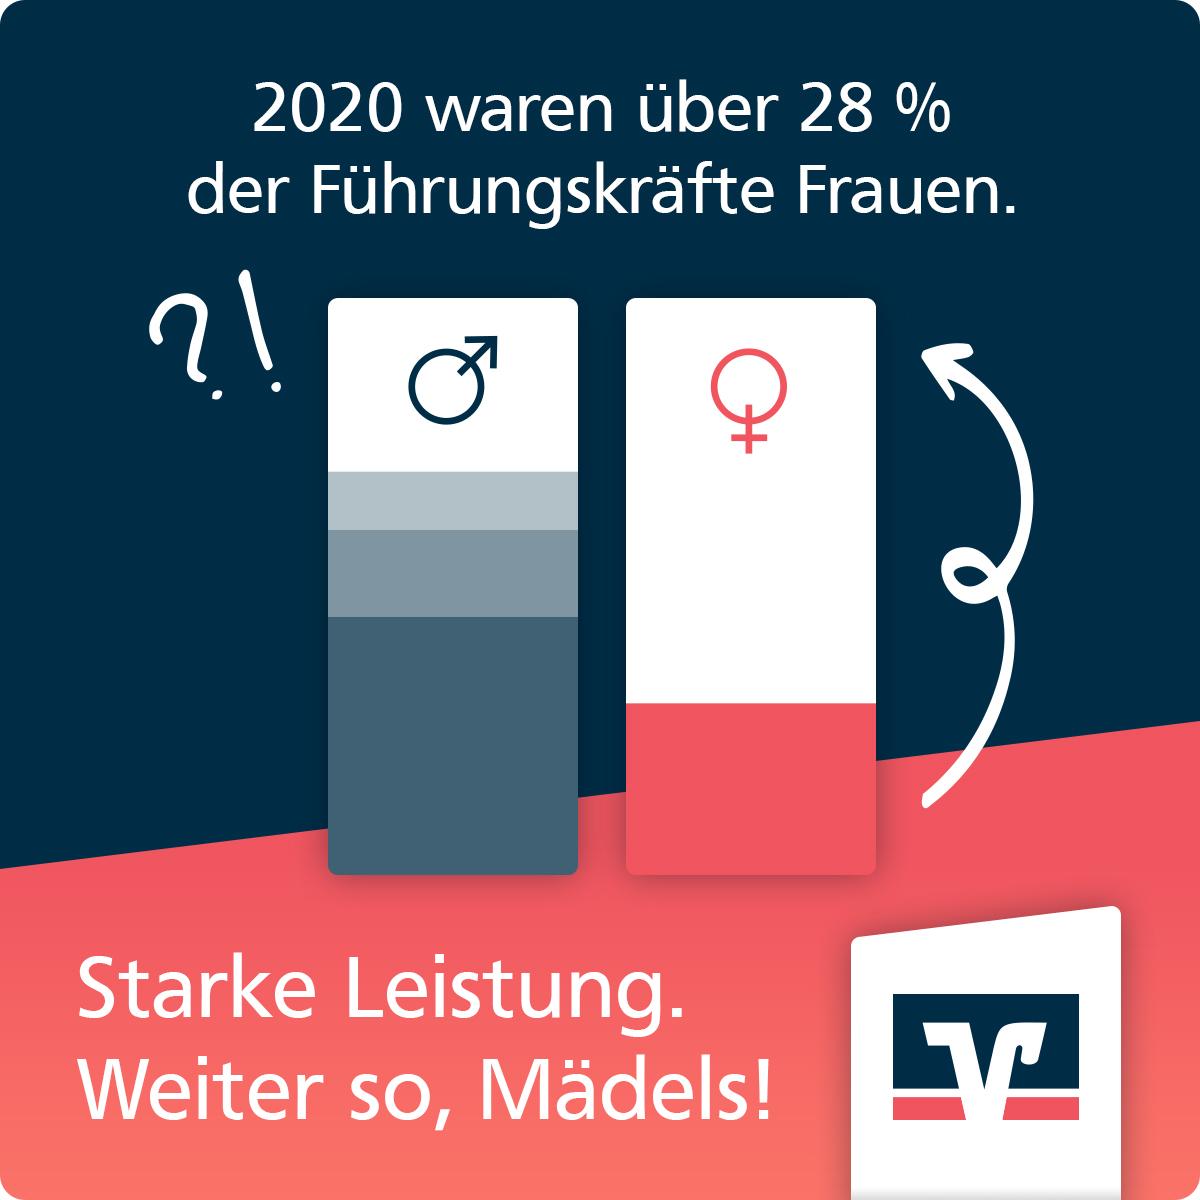 """Zukunftsplanerin-Kachel """"Führungskräfte"""": 2020 waren über 28% der Führungskräfte Frauen. Starke Leistung. Weiter so, Mädels!"""